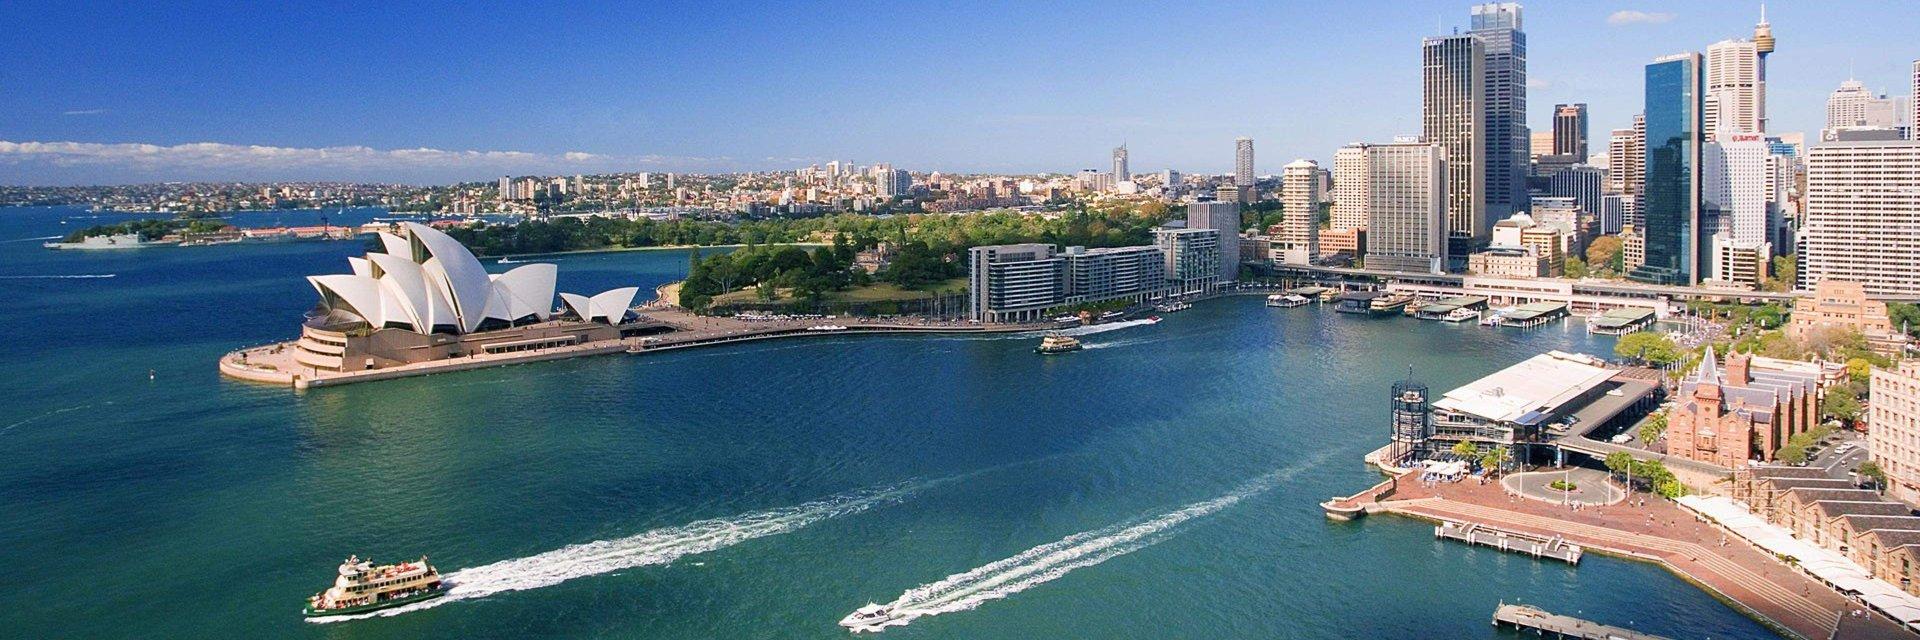 Туры на курорт Большой Барьерный Риф (Австралия) на 8 марта 2020 из Москвы - цены, путевки на отдых на курорте Большой Барьерный Риф на 8 марта - ПАКС